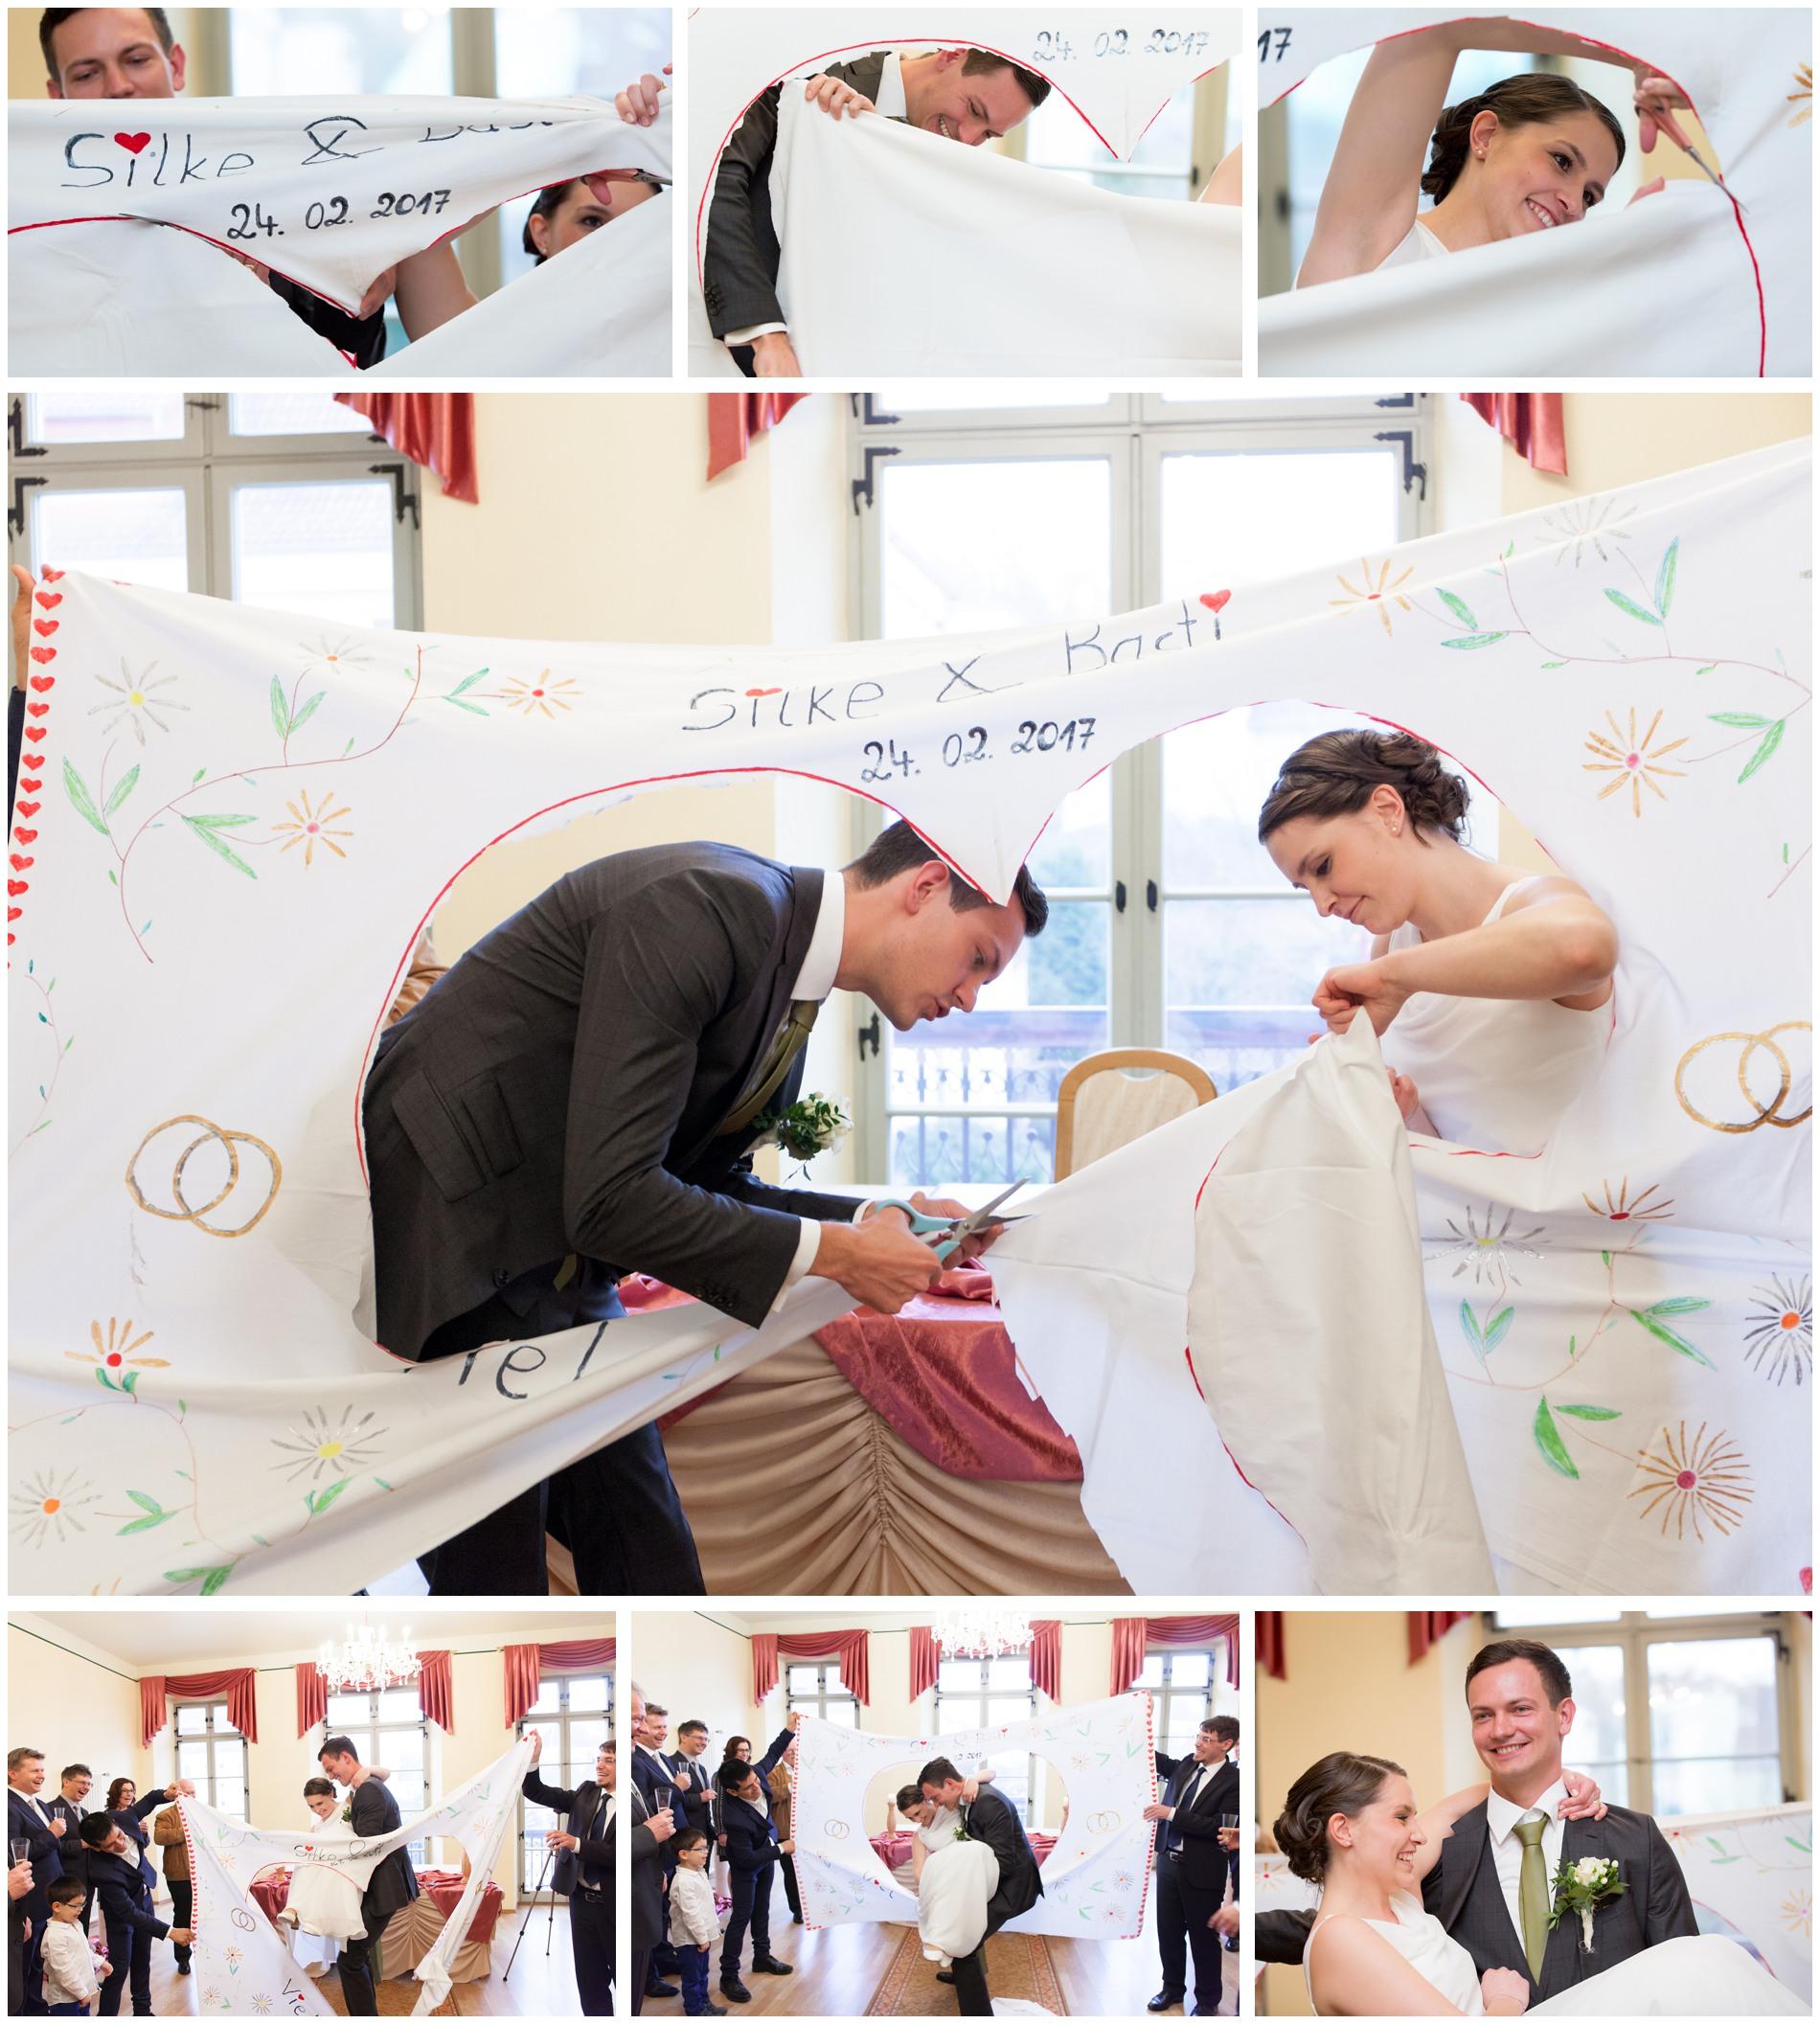 06 - Hochzeitsbräuche Traditionen zur Trauung – Hochzeitsfotograf Gera – Winterhochzeit Gera – Hochzeitsfotografin Stephanie Scharschmidt